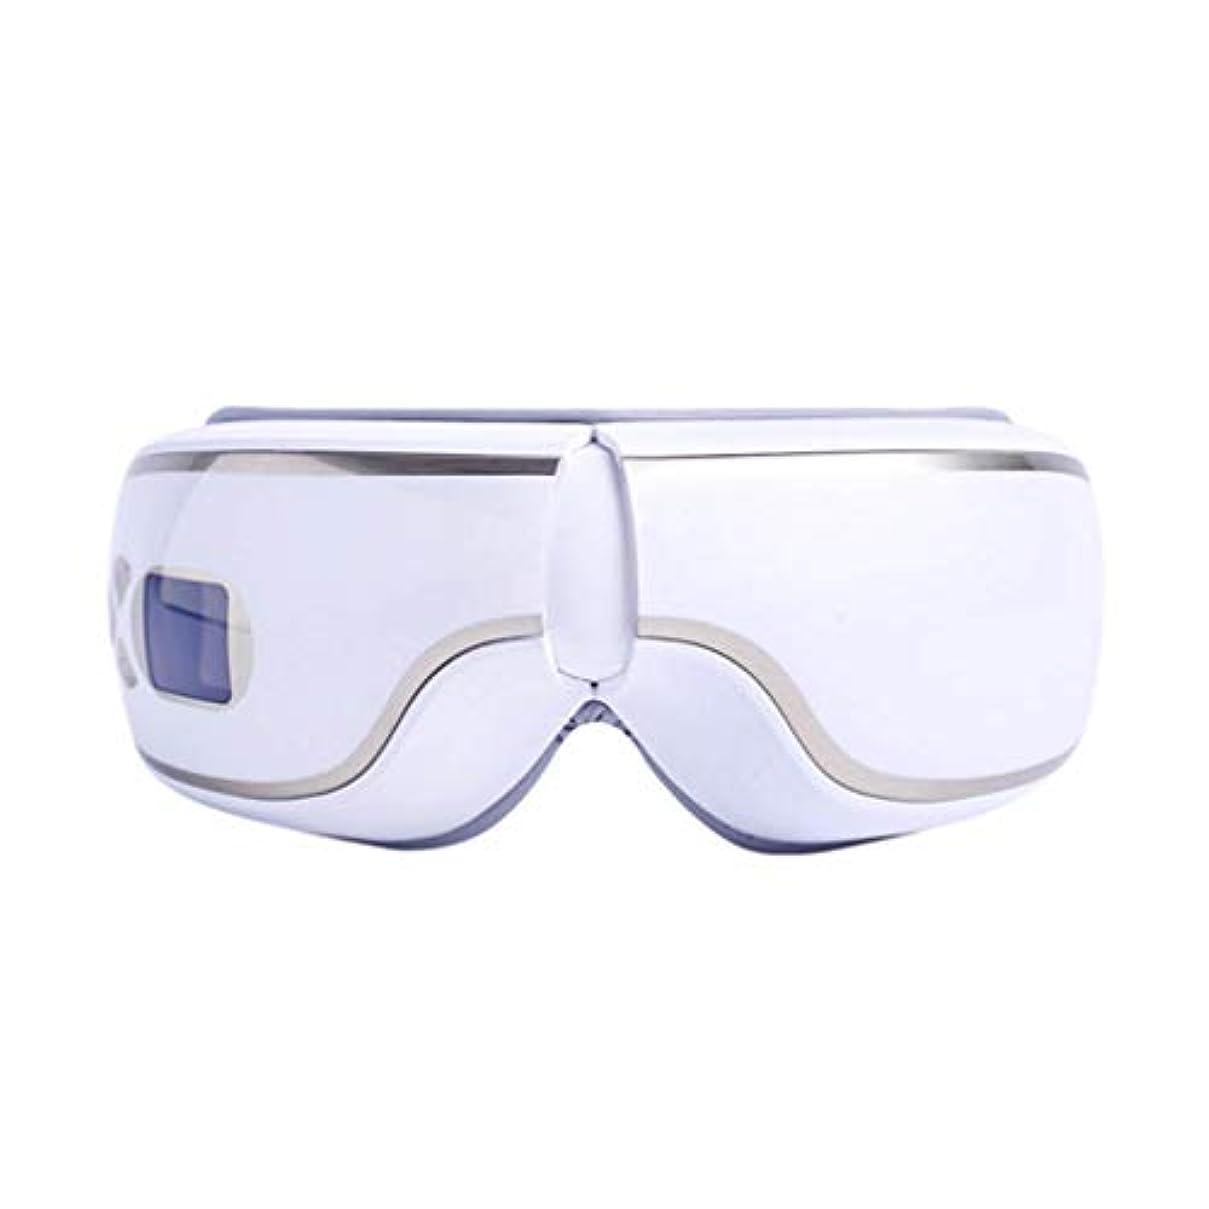 すべて退化するブリード目をリラックスさせるための熱/音楽/空気圧縮/ 5動作モードを備えた充電式ワイヤレス折りたたみ式アイマッサージャー